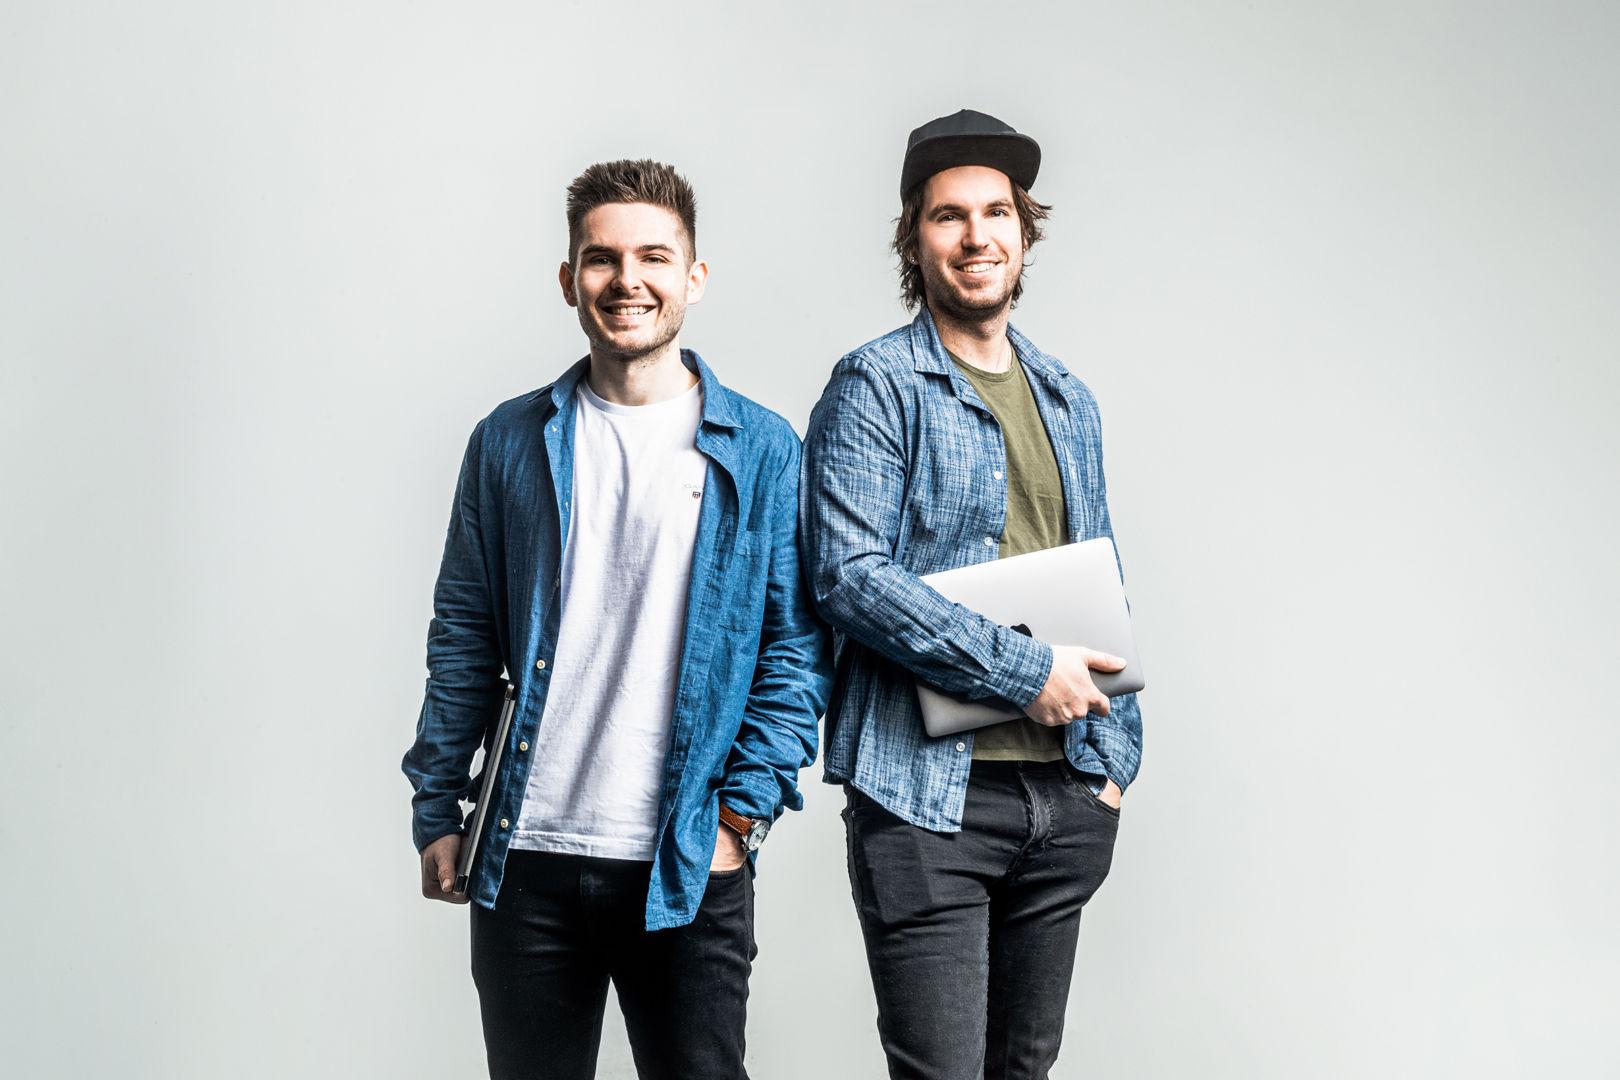 Chris und Dennis Möbus stehen vor einer grauen Wand